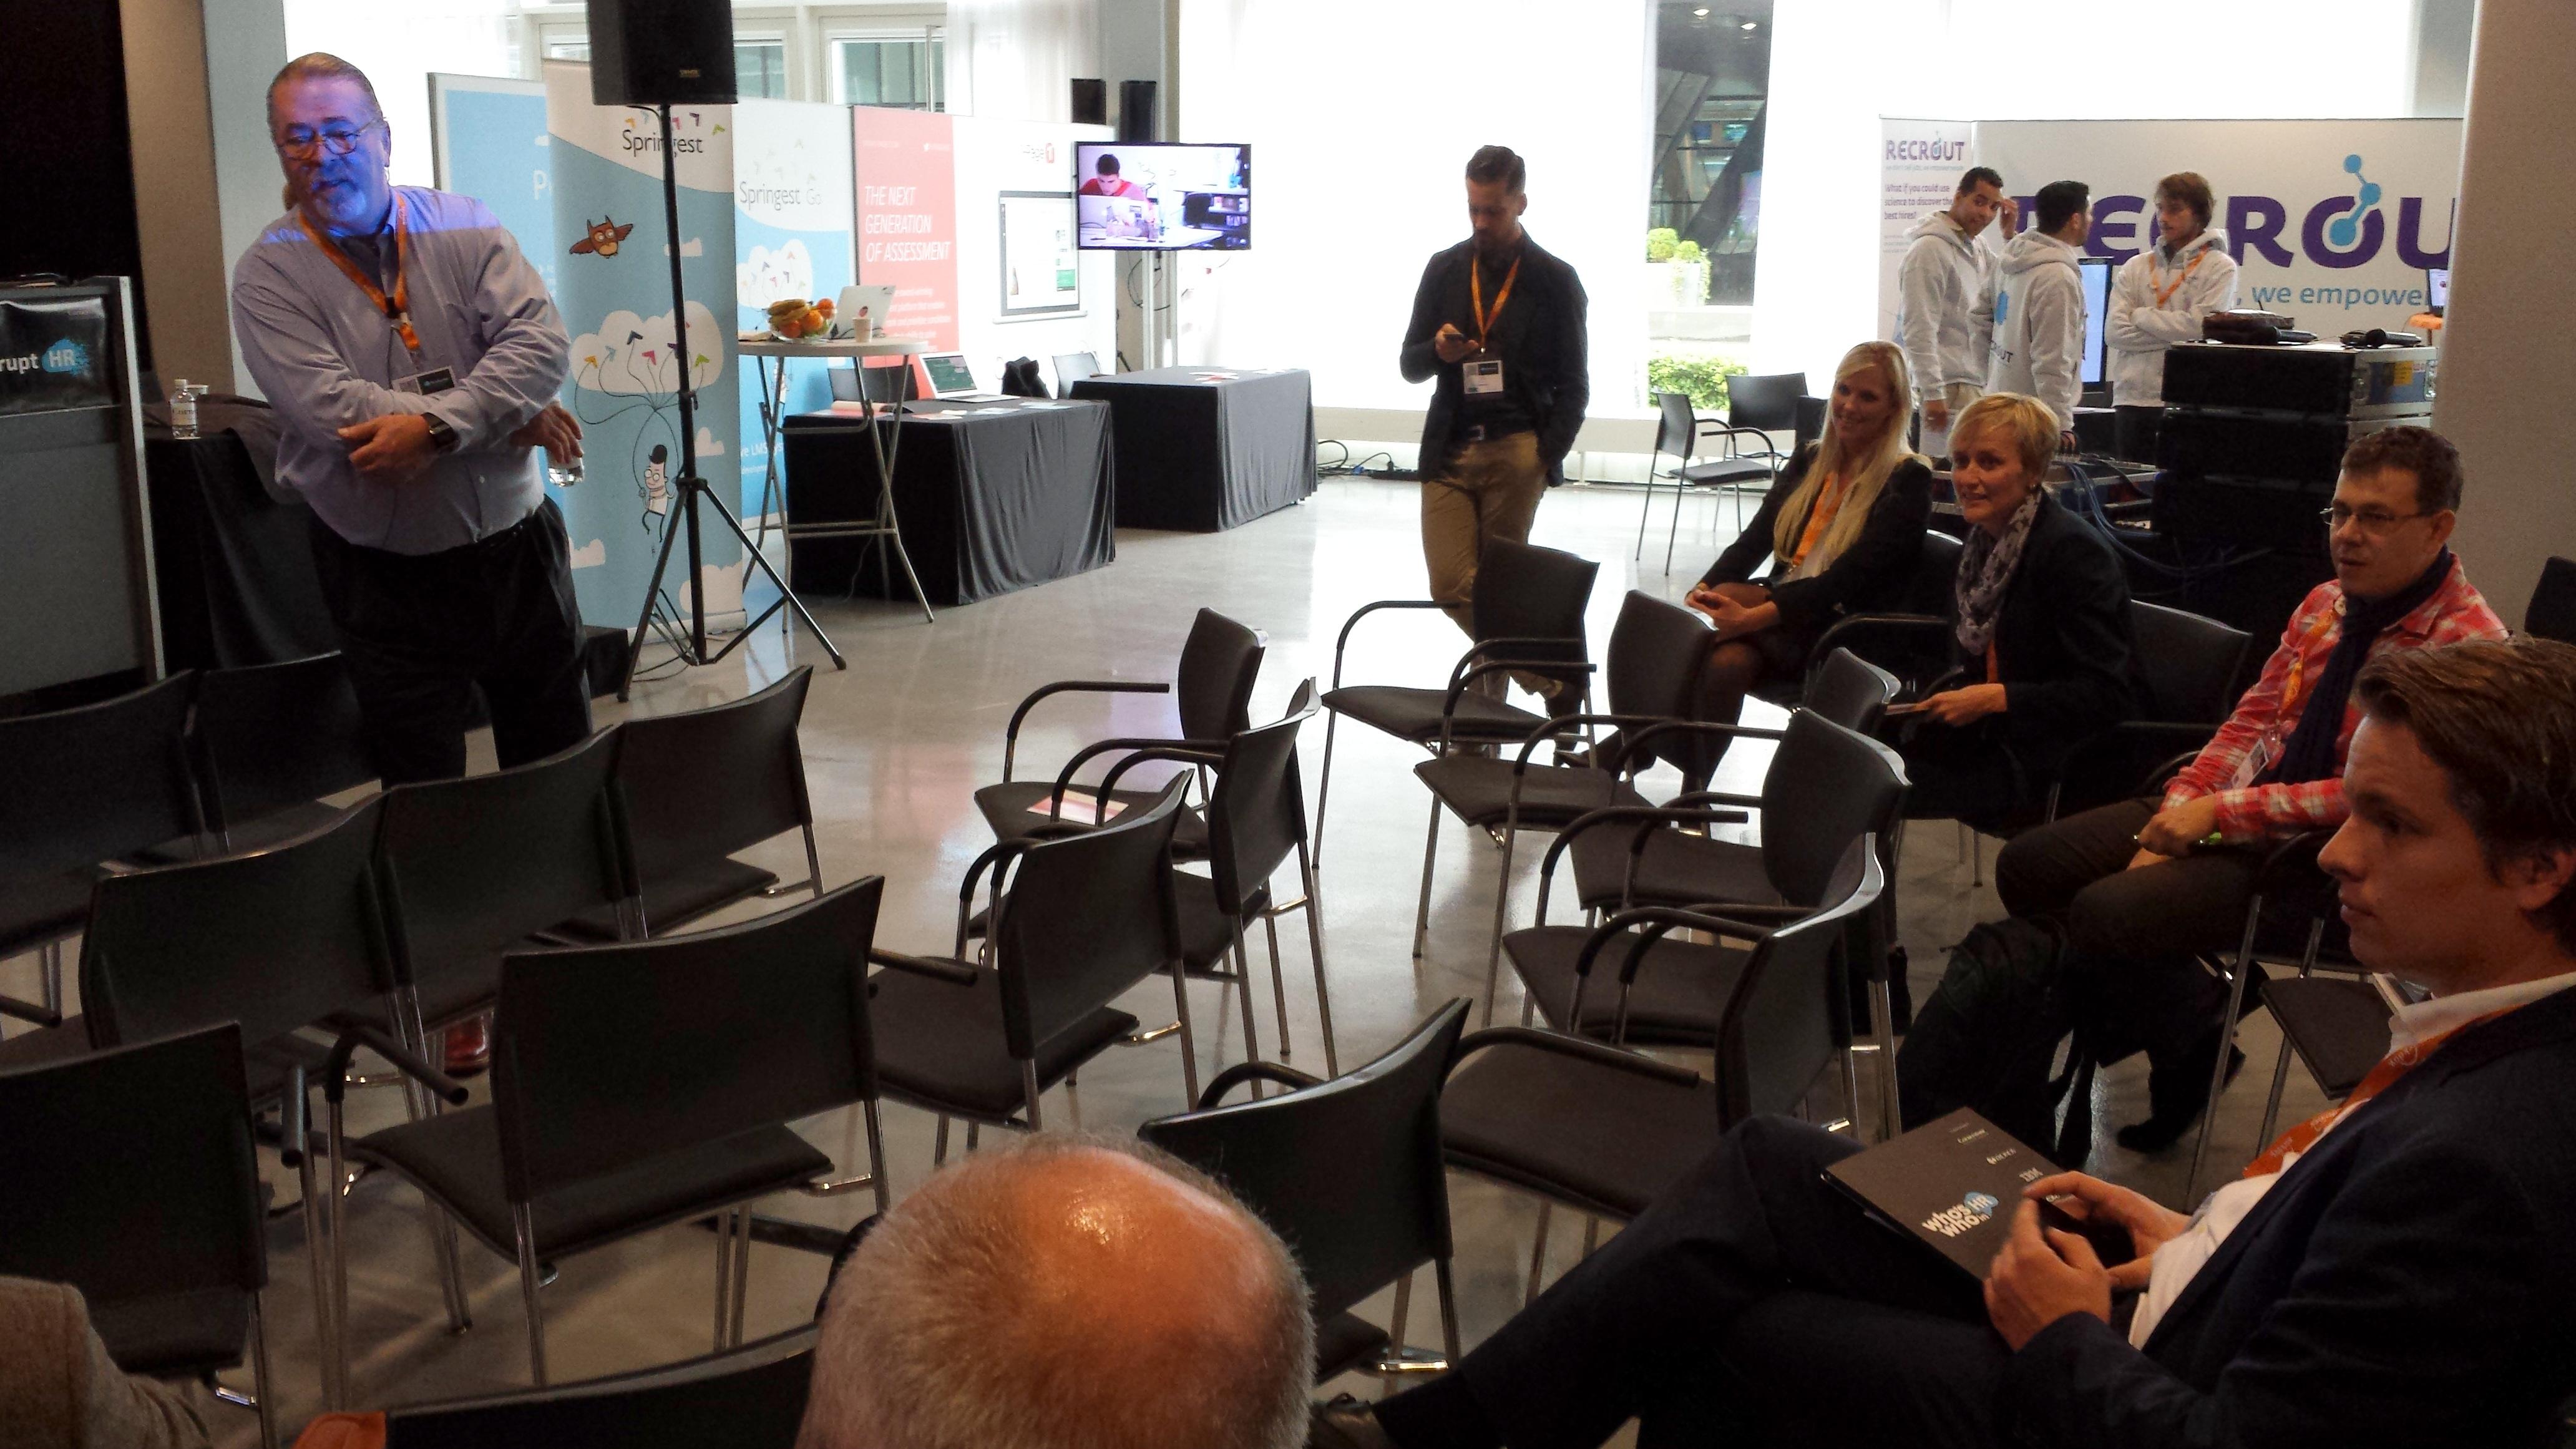 John-Sumser-Presentation-@-HR-Tech-Europe-2014